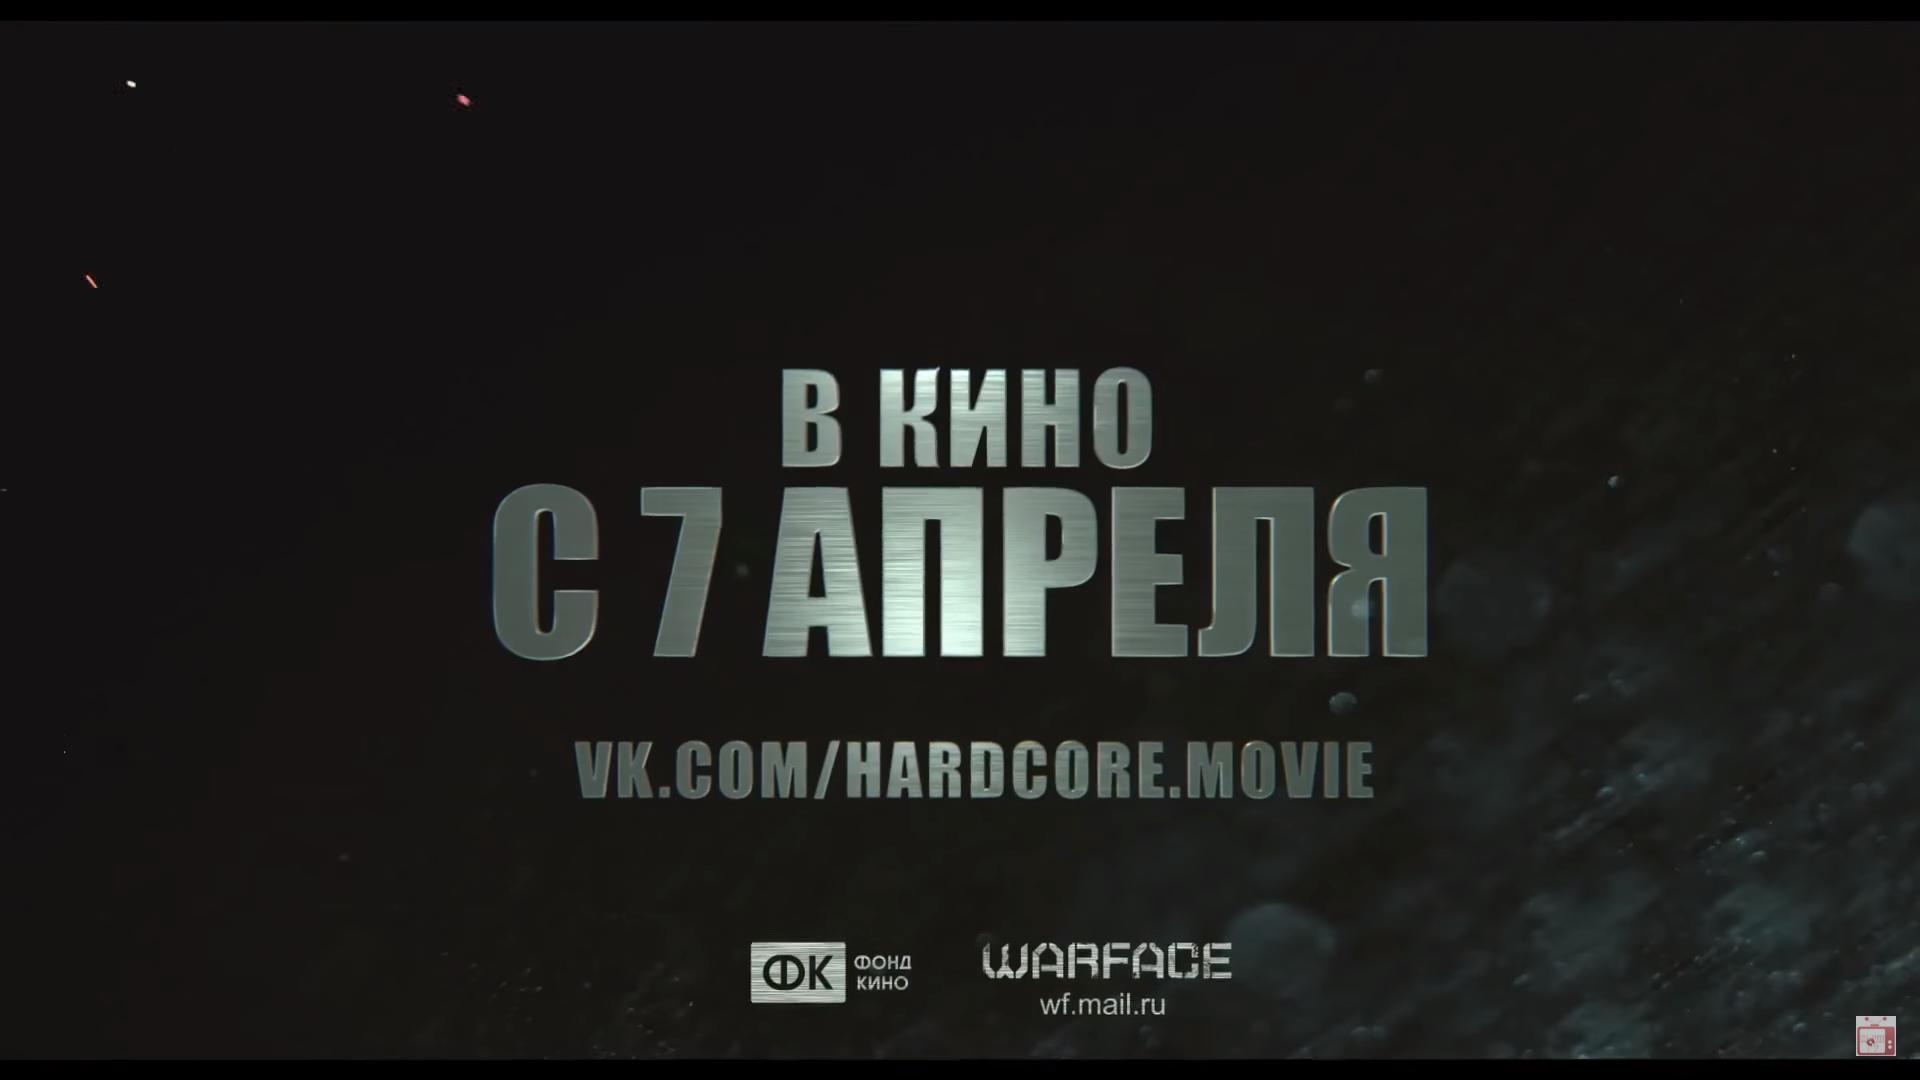 Хардкор добрался до России. - Изображение 1